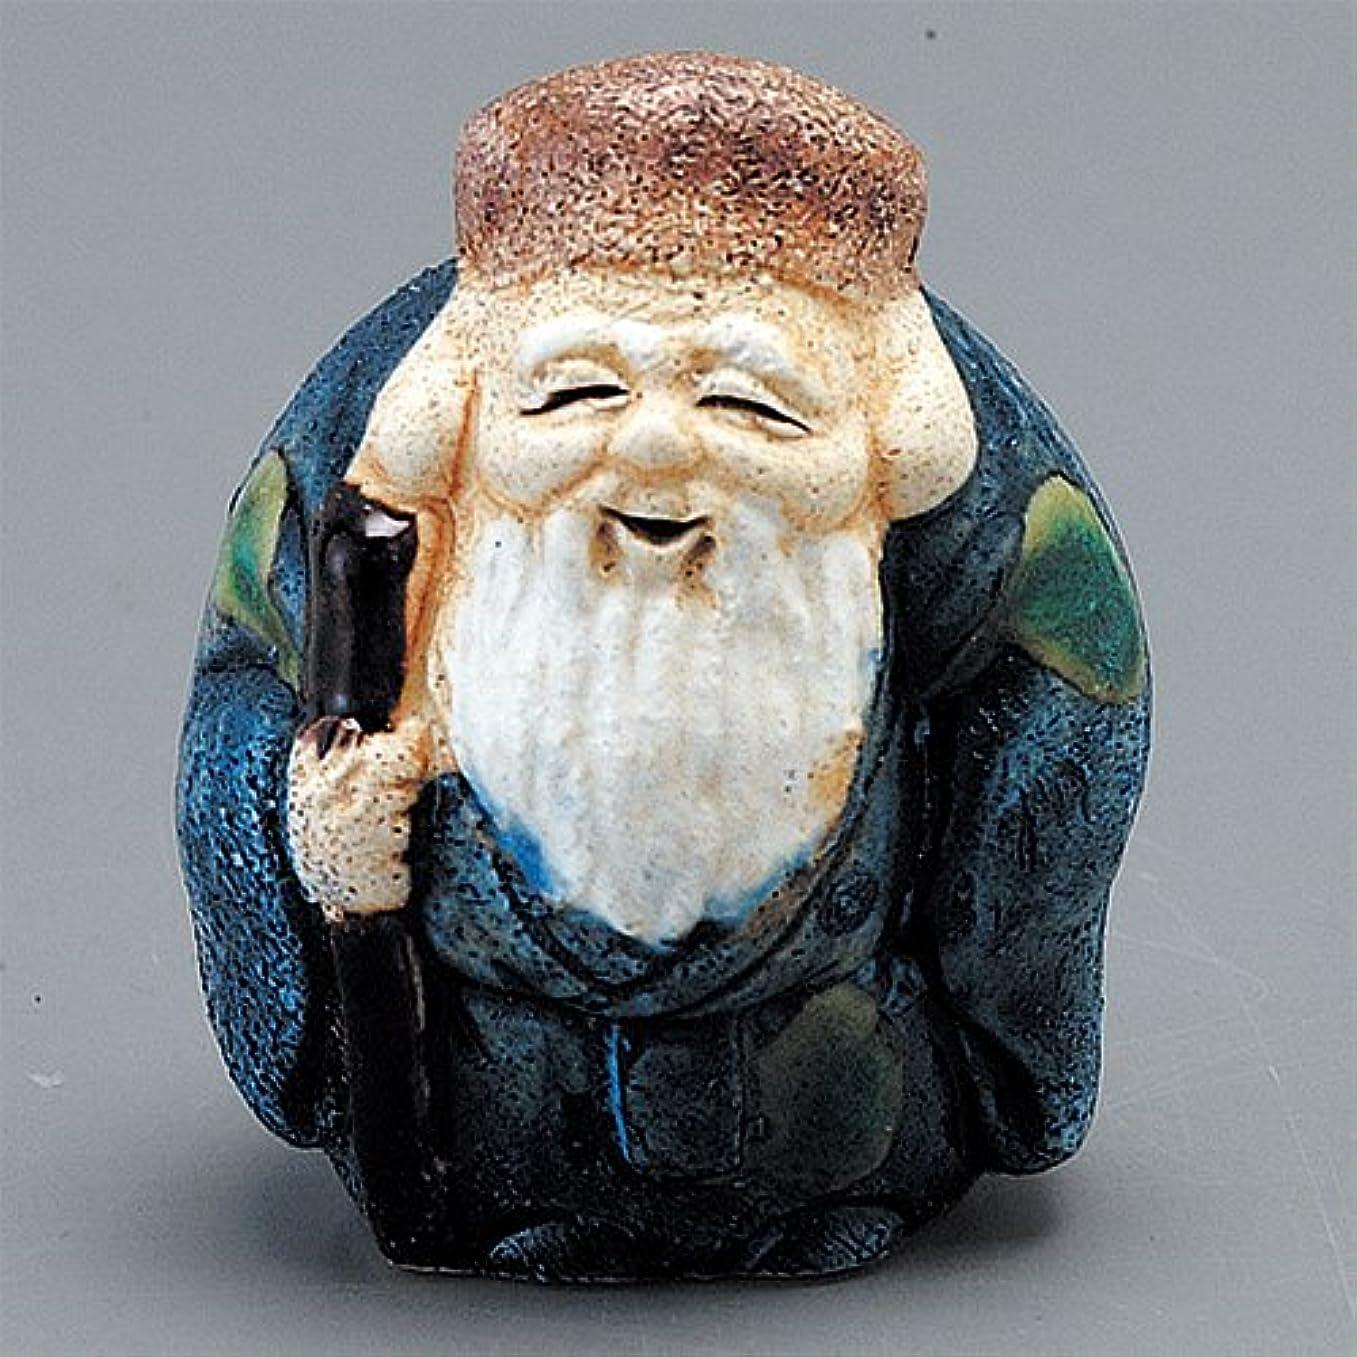 香皿 七福神 香皿 寿老人 [R9.5xH7cm] HANDMADE プレゼント ギフト 和食器 かわいい インテリア